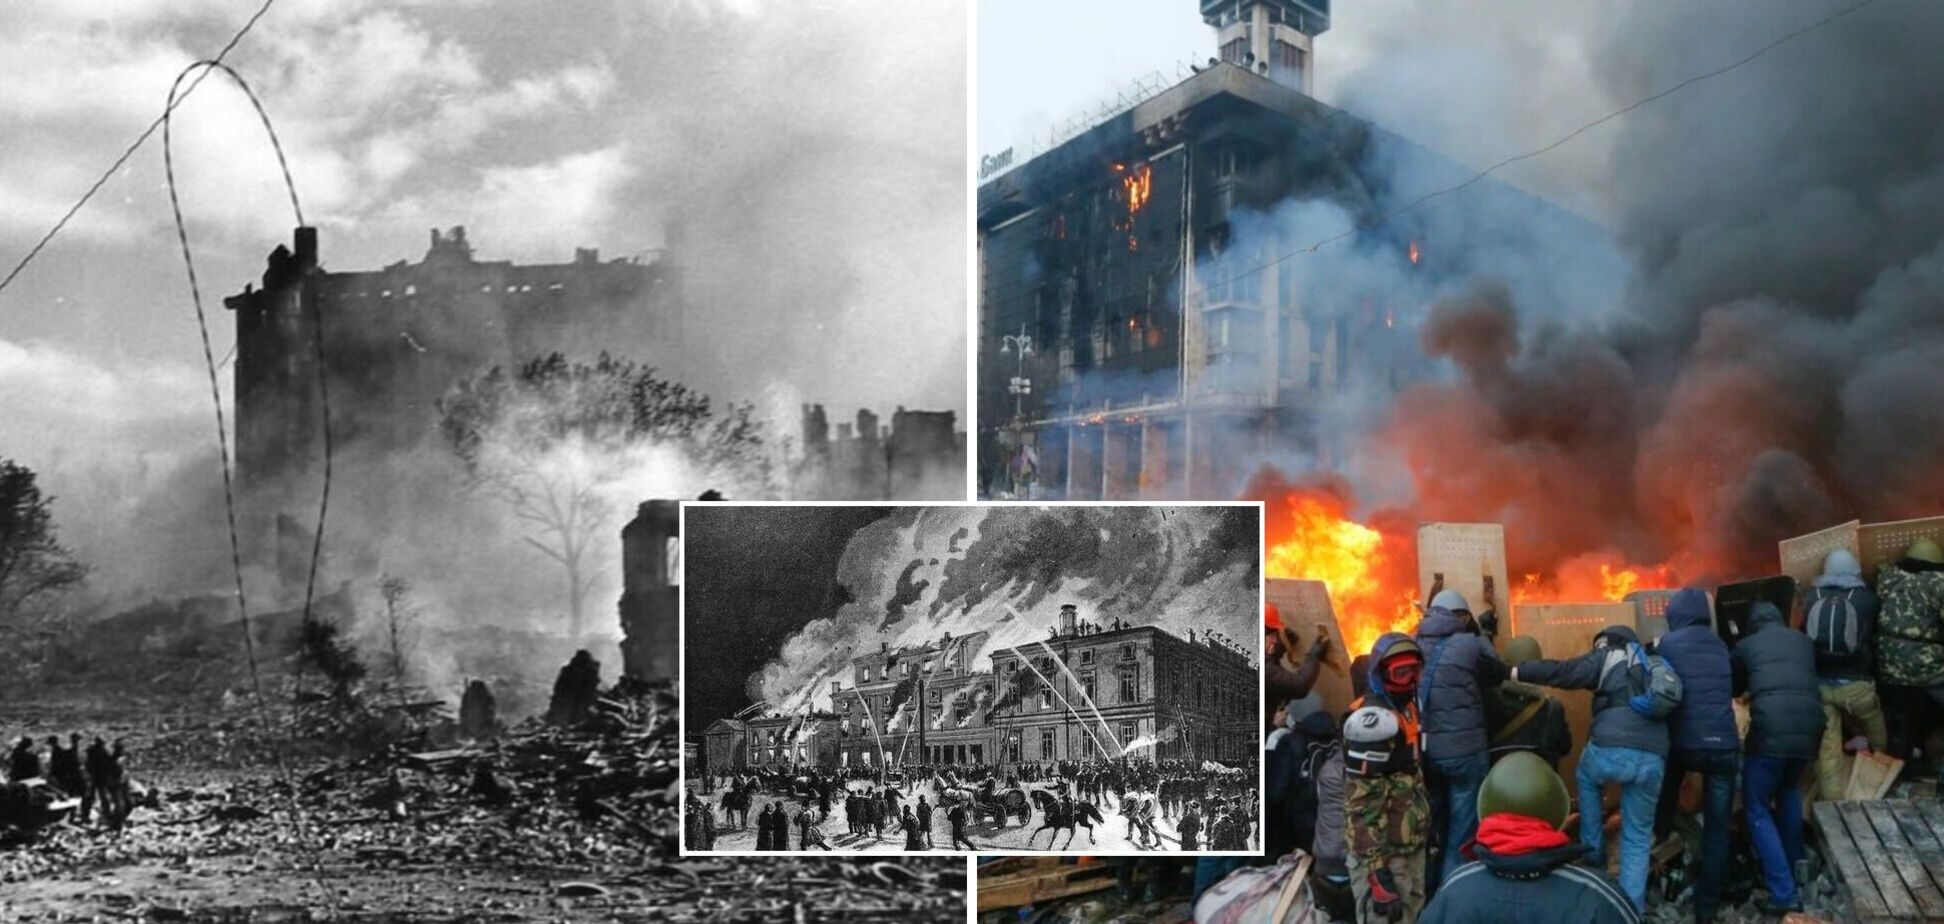 От князей-сепаратистов до поджога кинотеатра 'Жовтень': топ-5 страшнейших пожаров в истории Киева. Фото